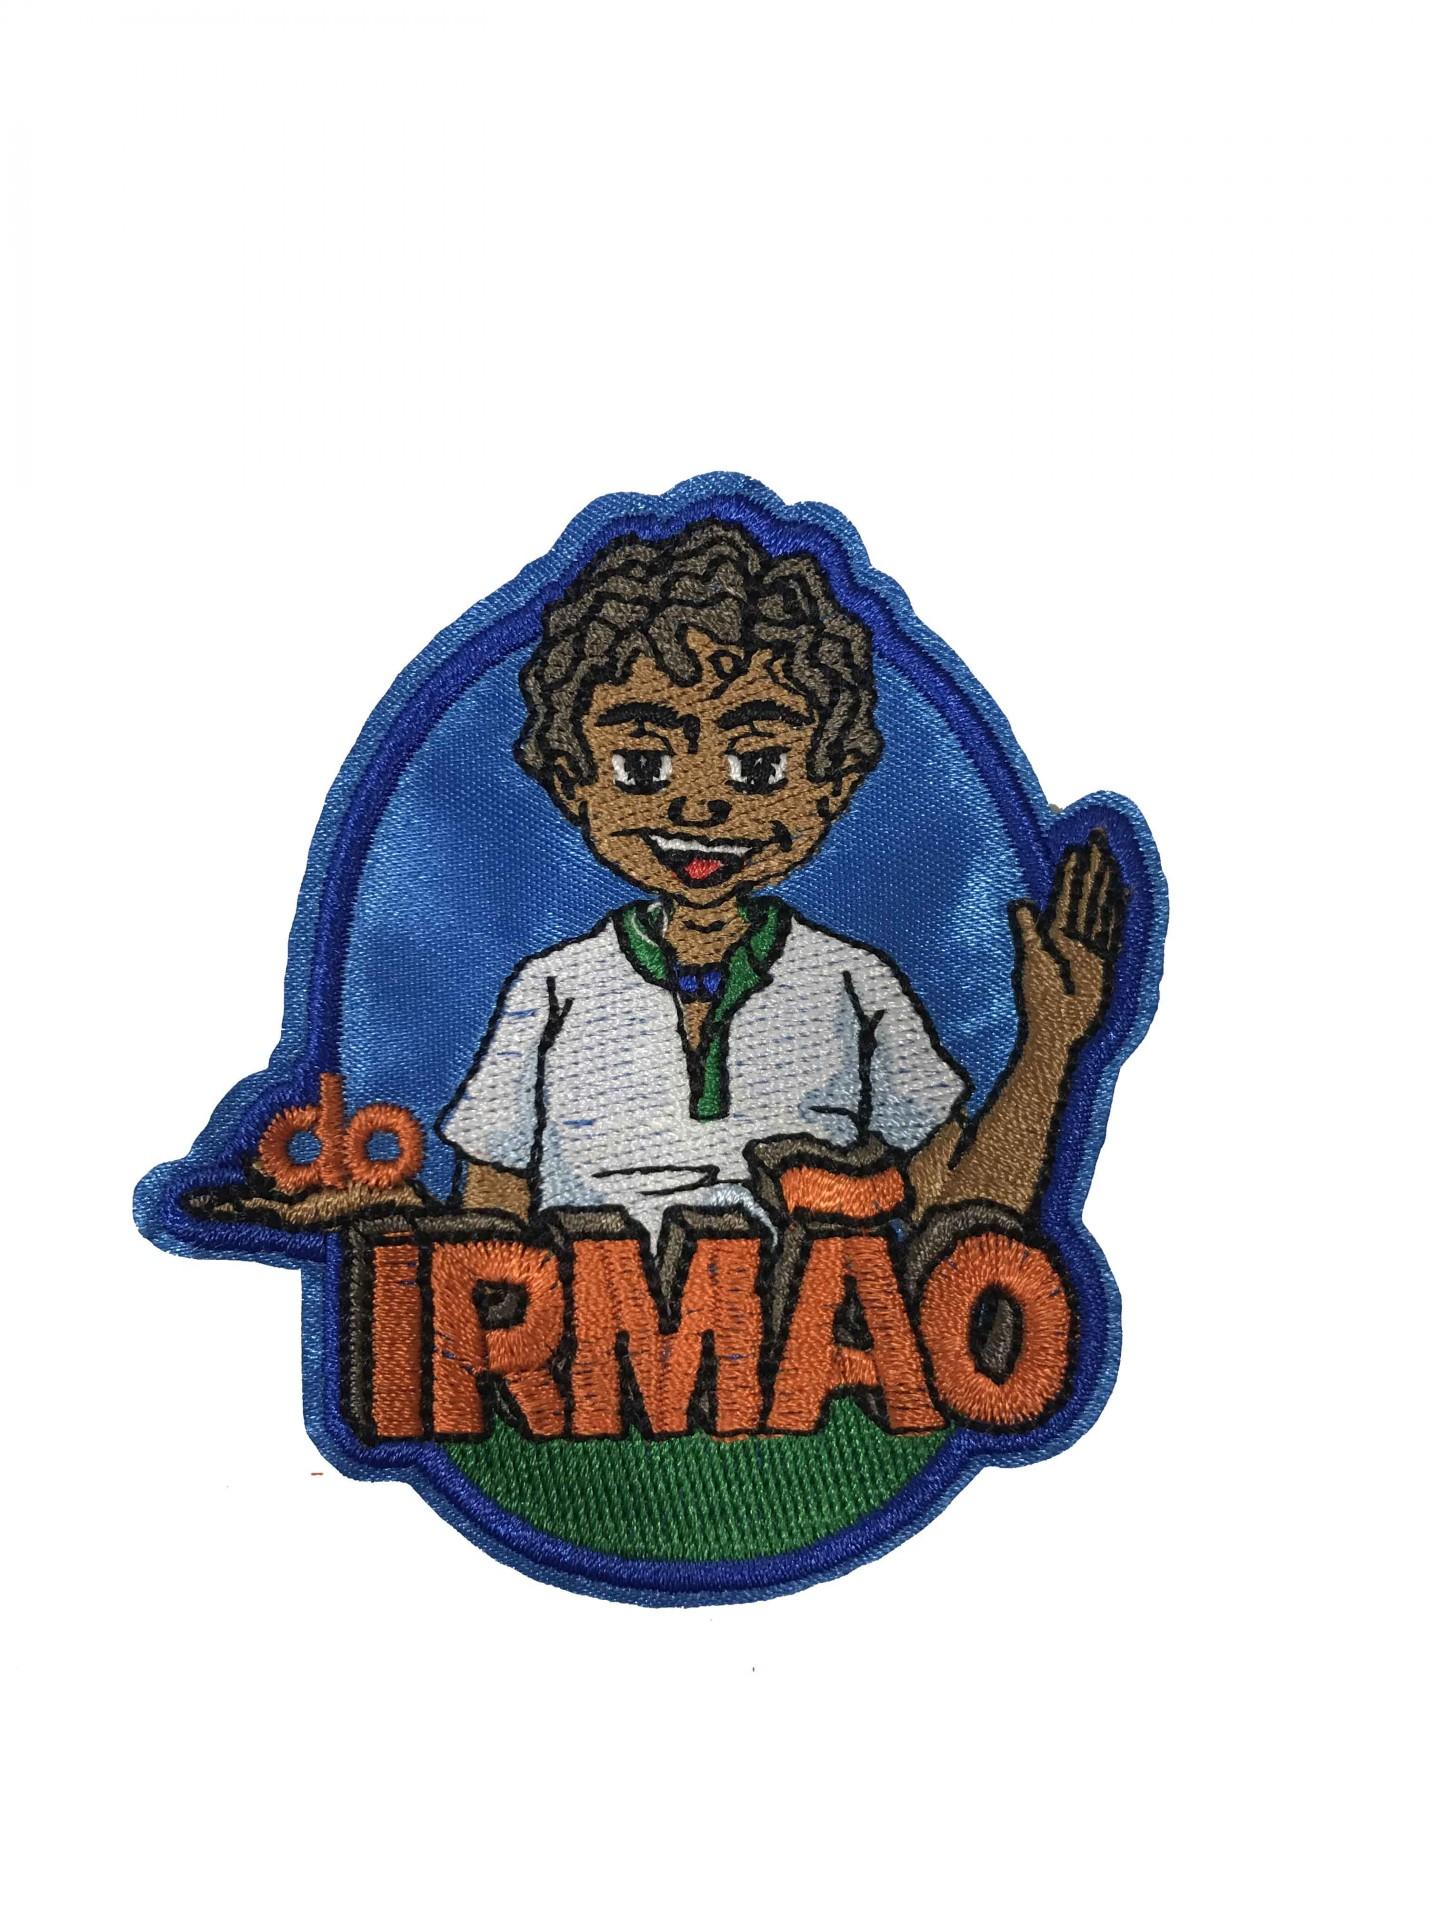 Emblema Irmão